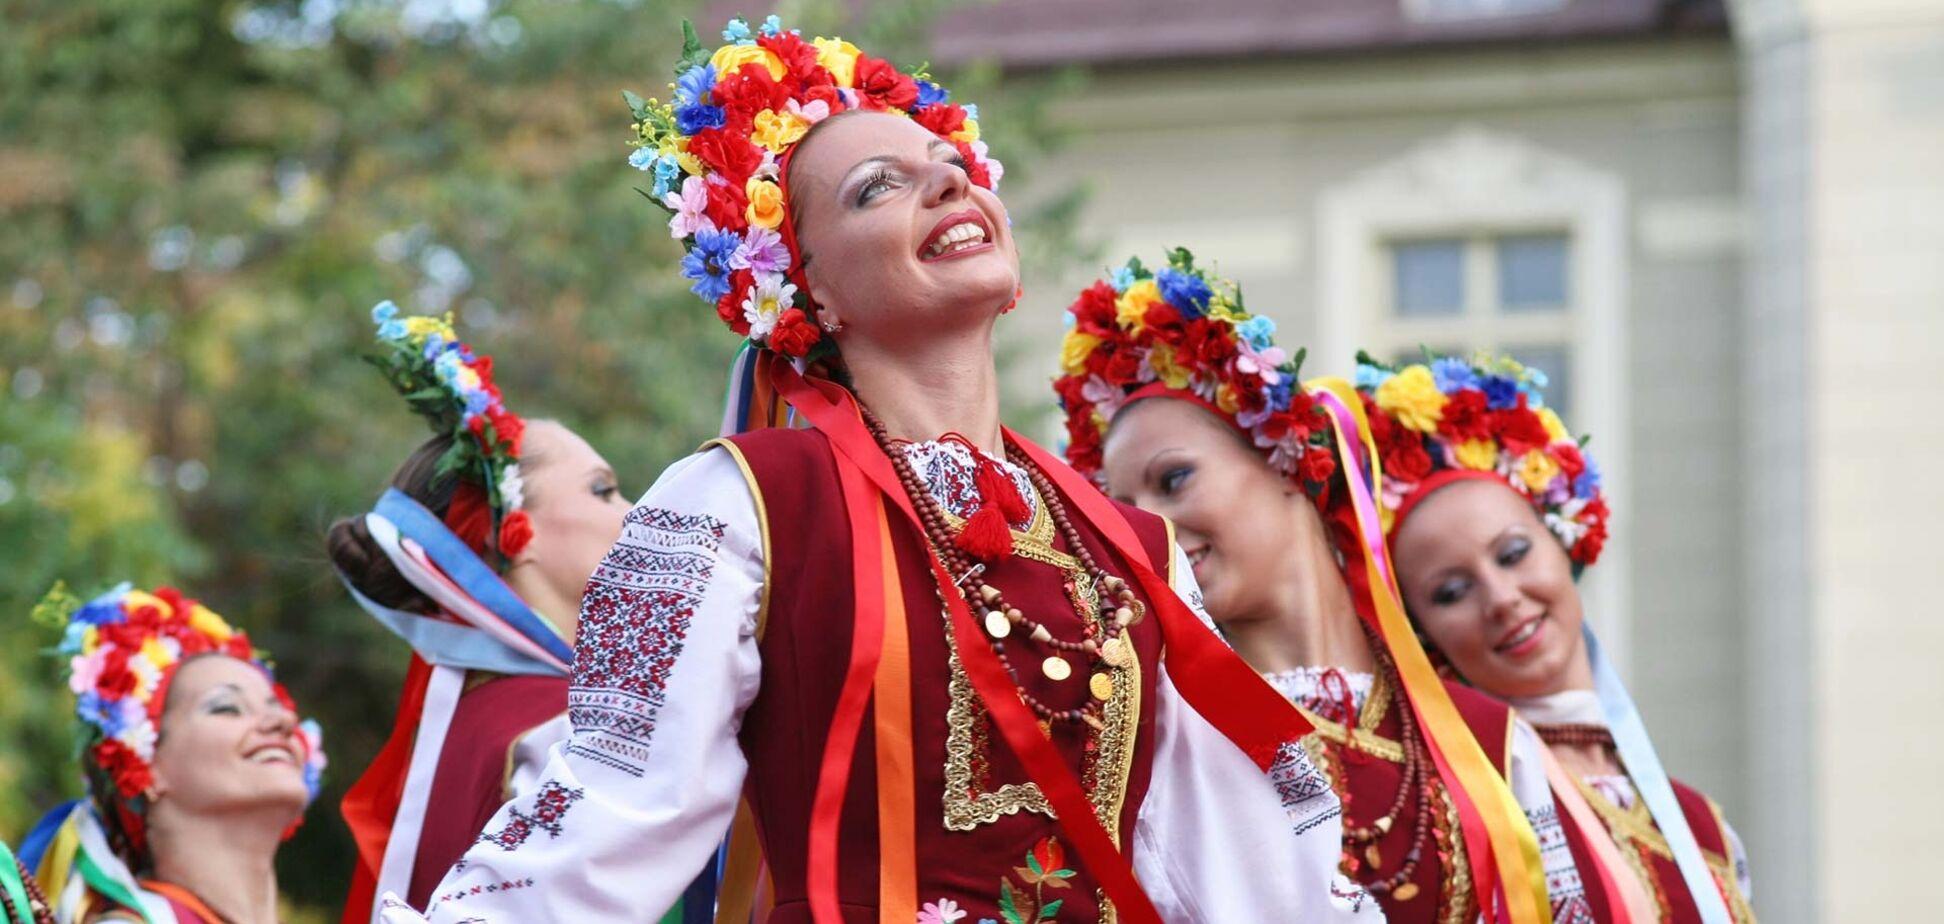 'Недонарод?' В Украине дерзко поставили на место пропагандистов Кремля